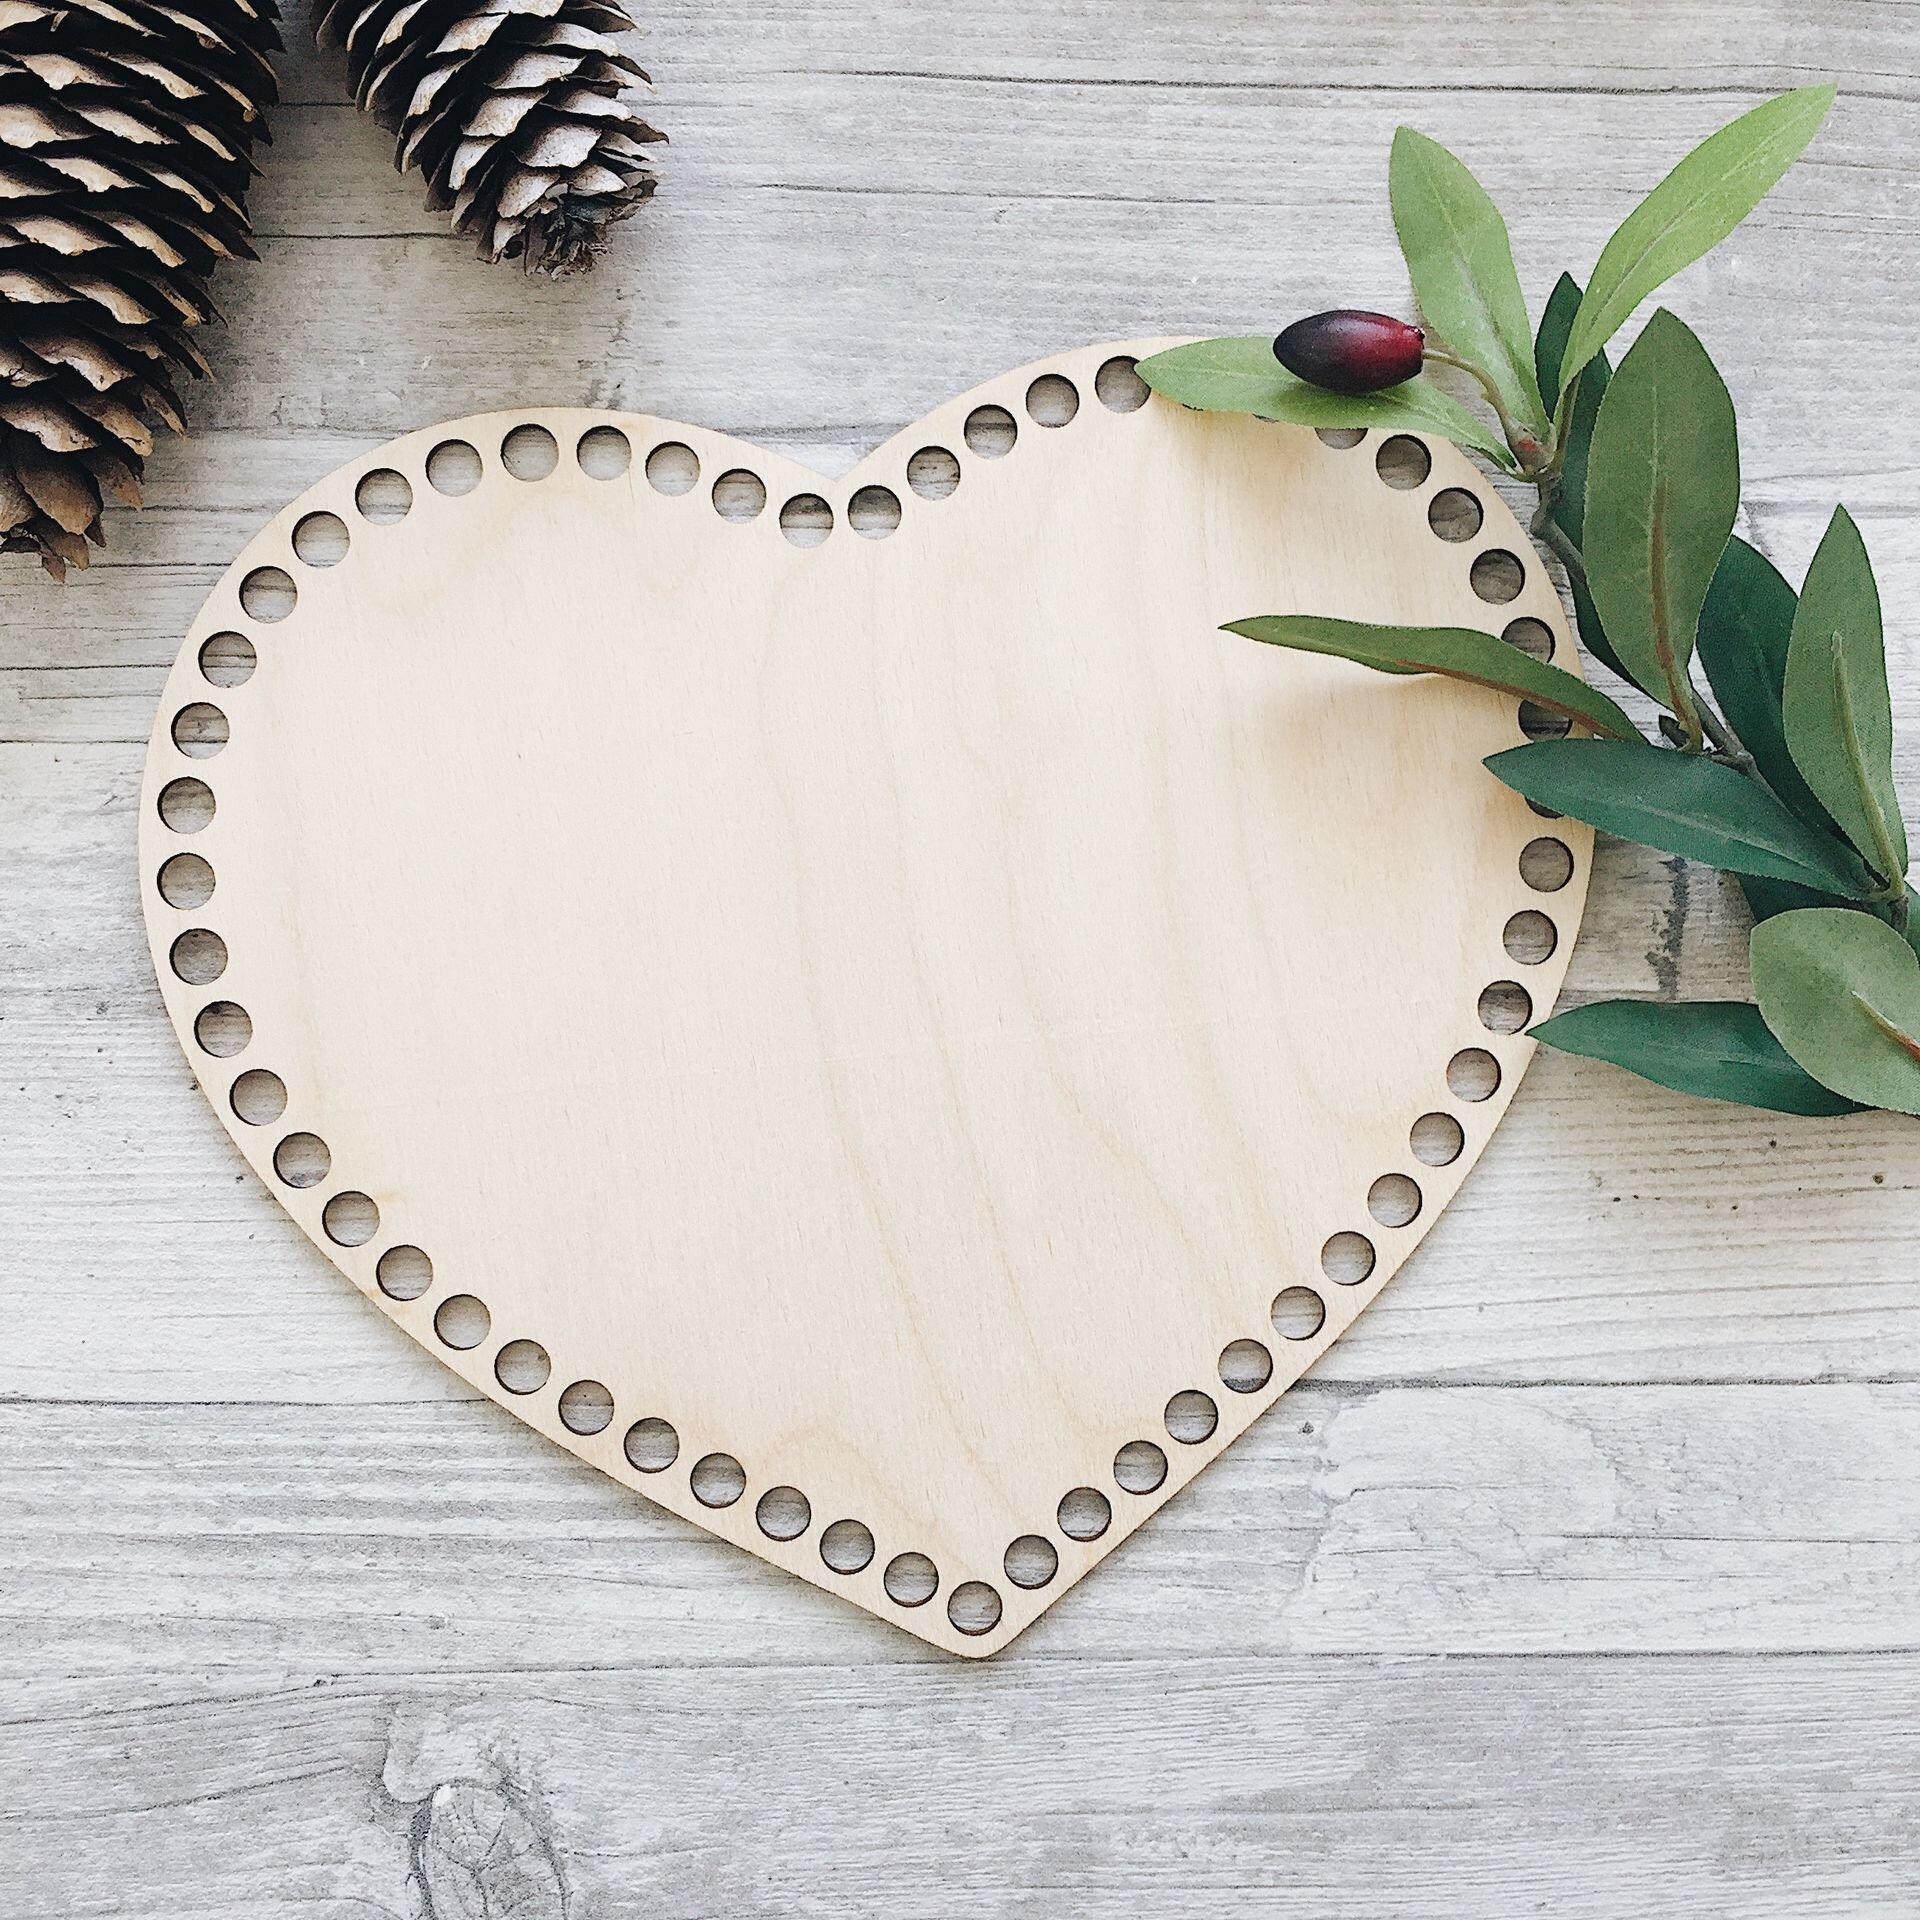 Деревянное донышко для корзины, сердце 30*26см - фото pic_570c88b545ffca5_1920x9000_1.jpg